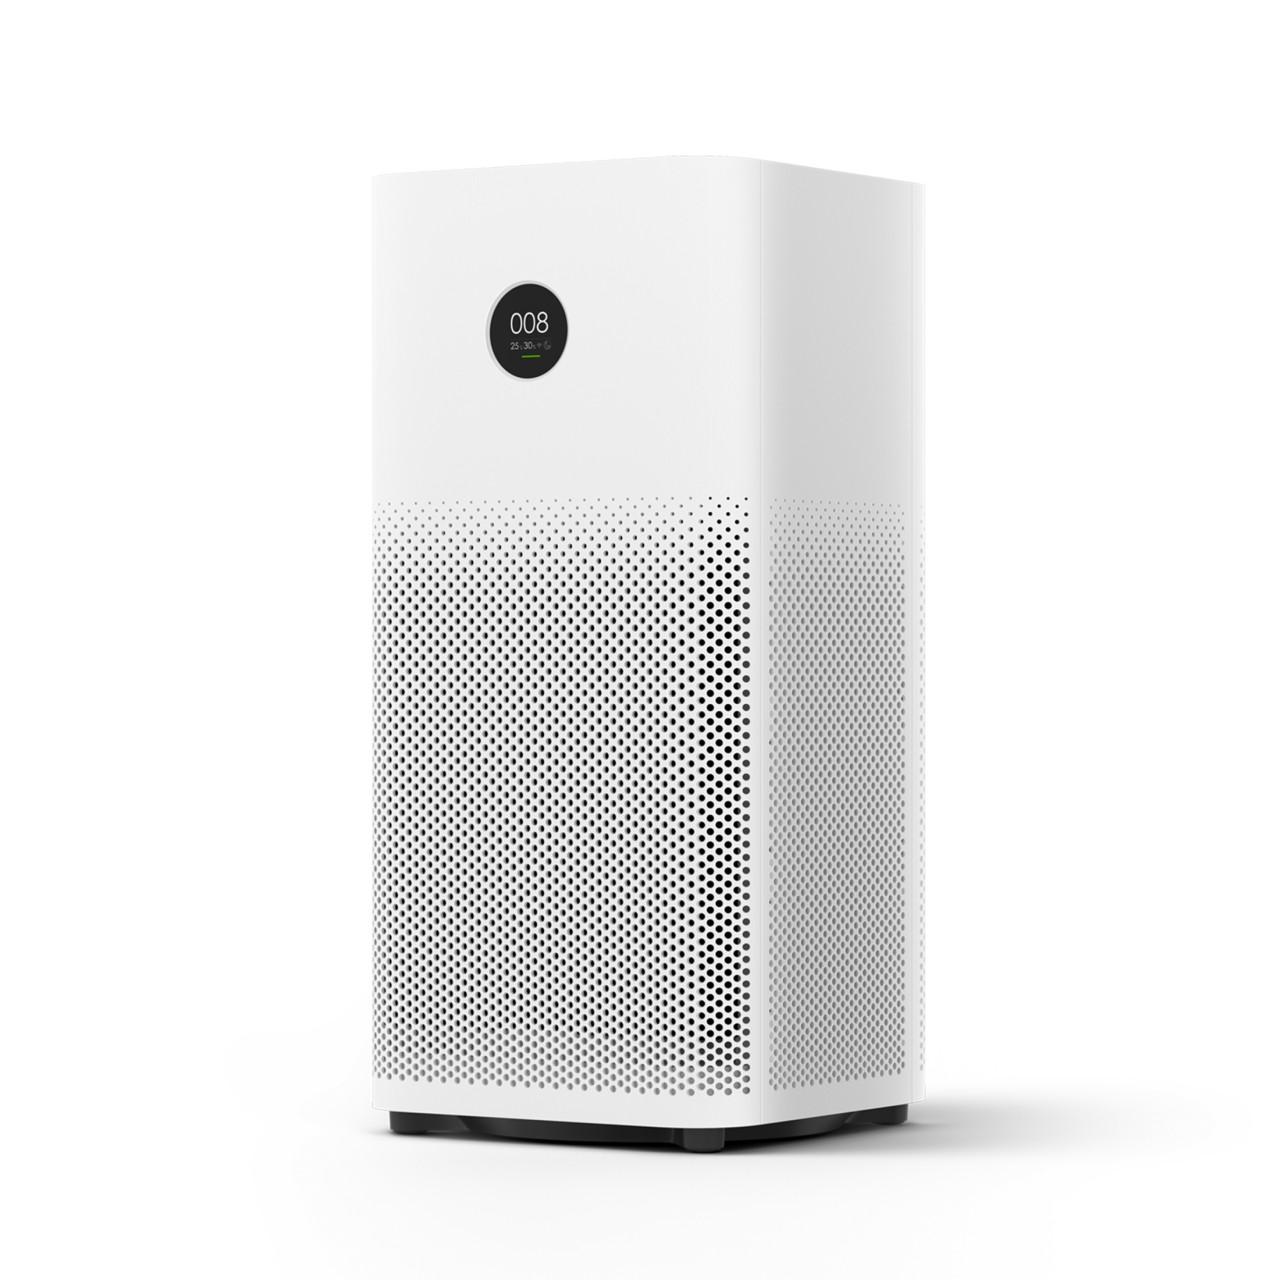 เครื่องฟอกอากาศ กำจัดกลิ่น Xiaomi รุ่น Mi Air Purifier 2s